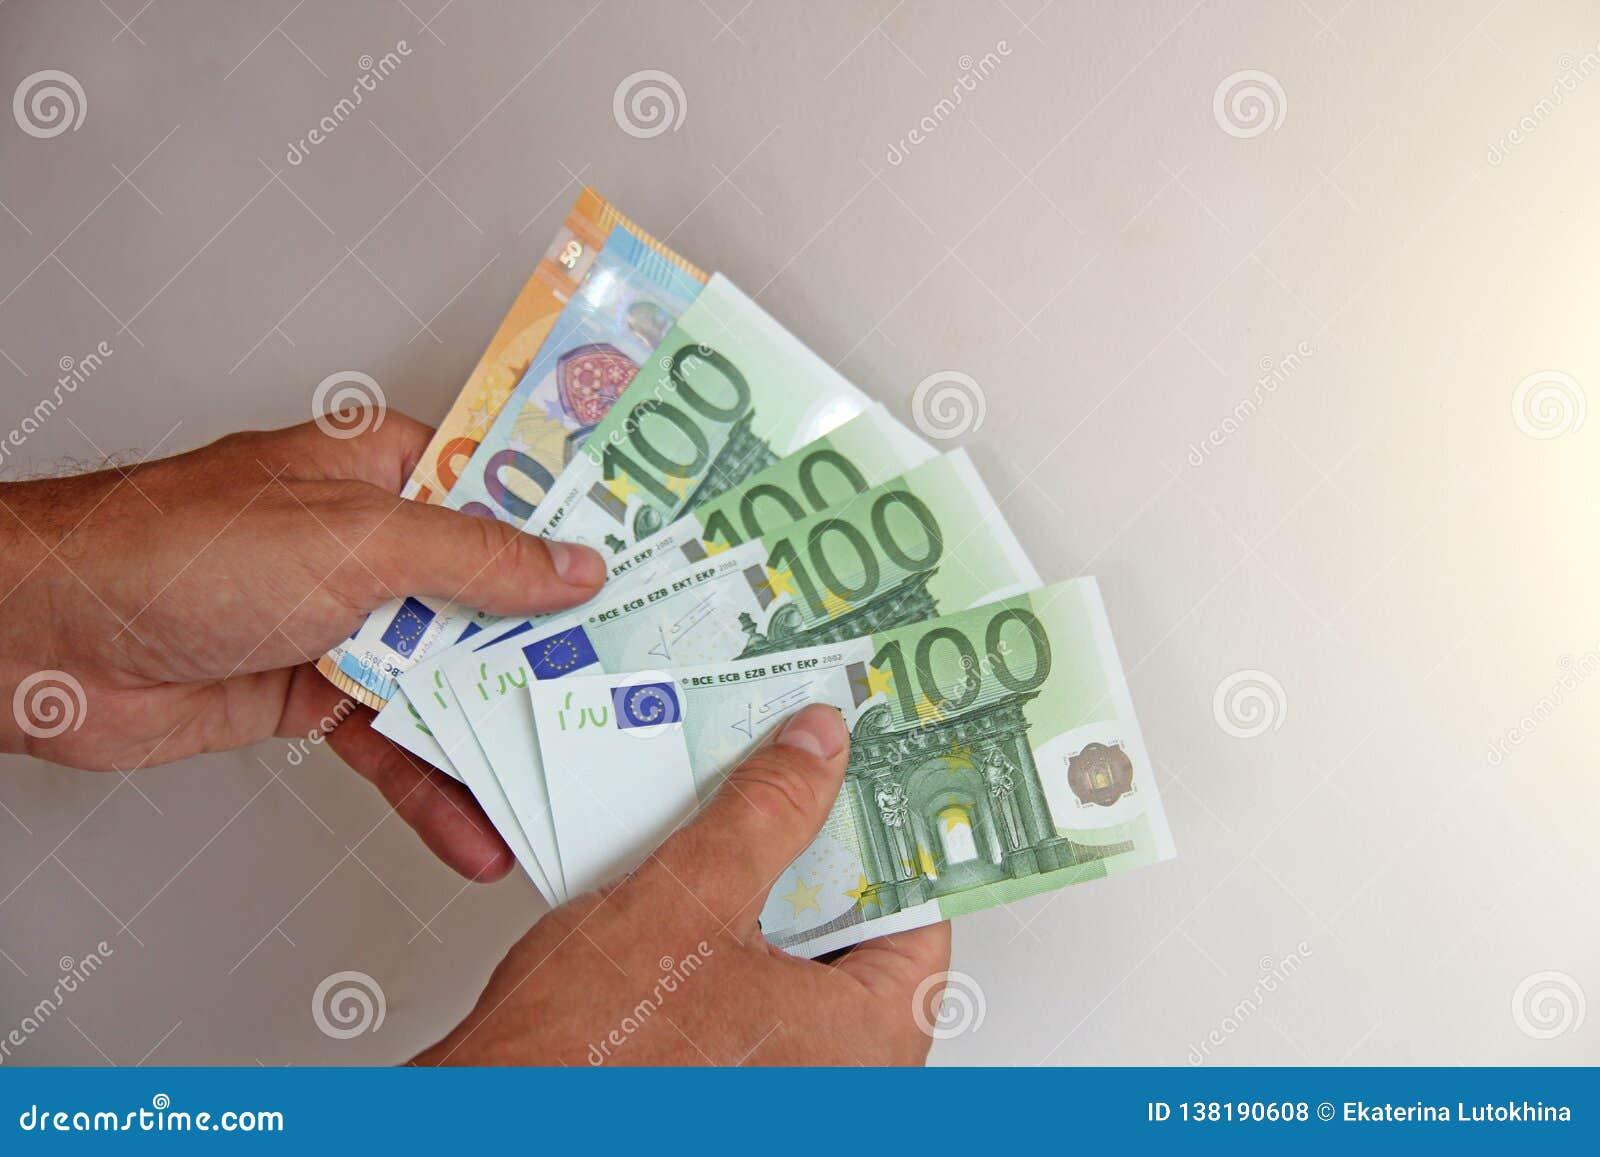 Рука ` s человека держит евро 100, рассматривает их и оплачивает Евро бумажных денег в руках